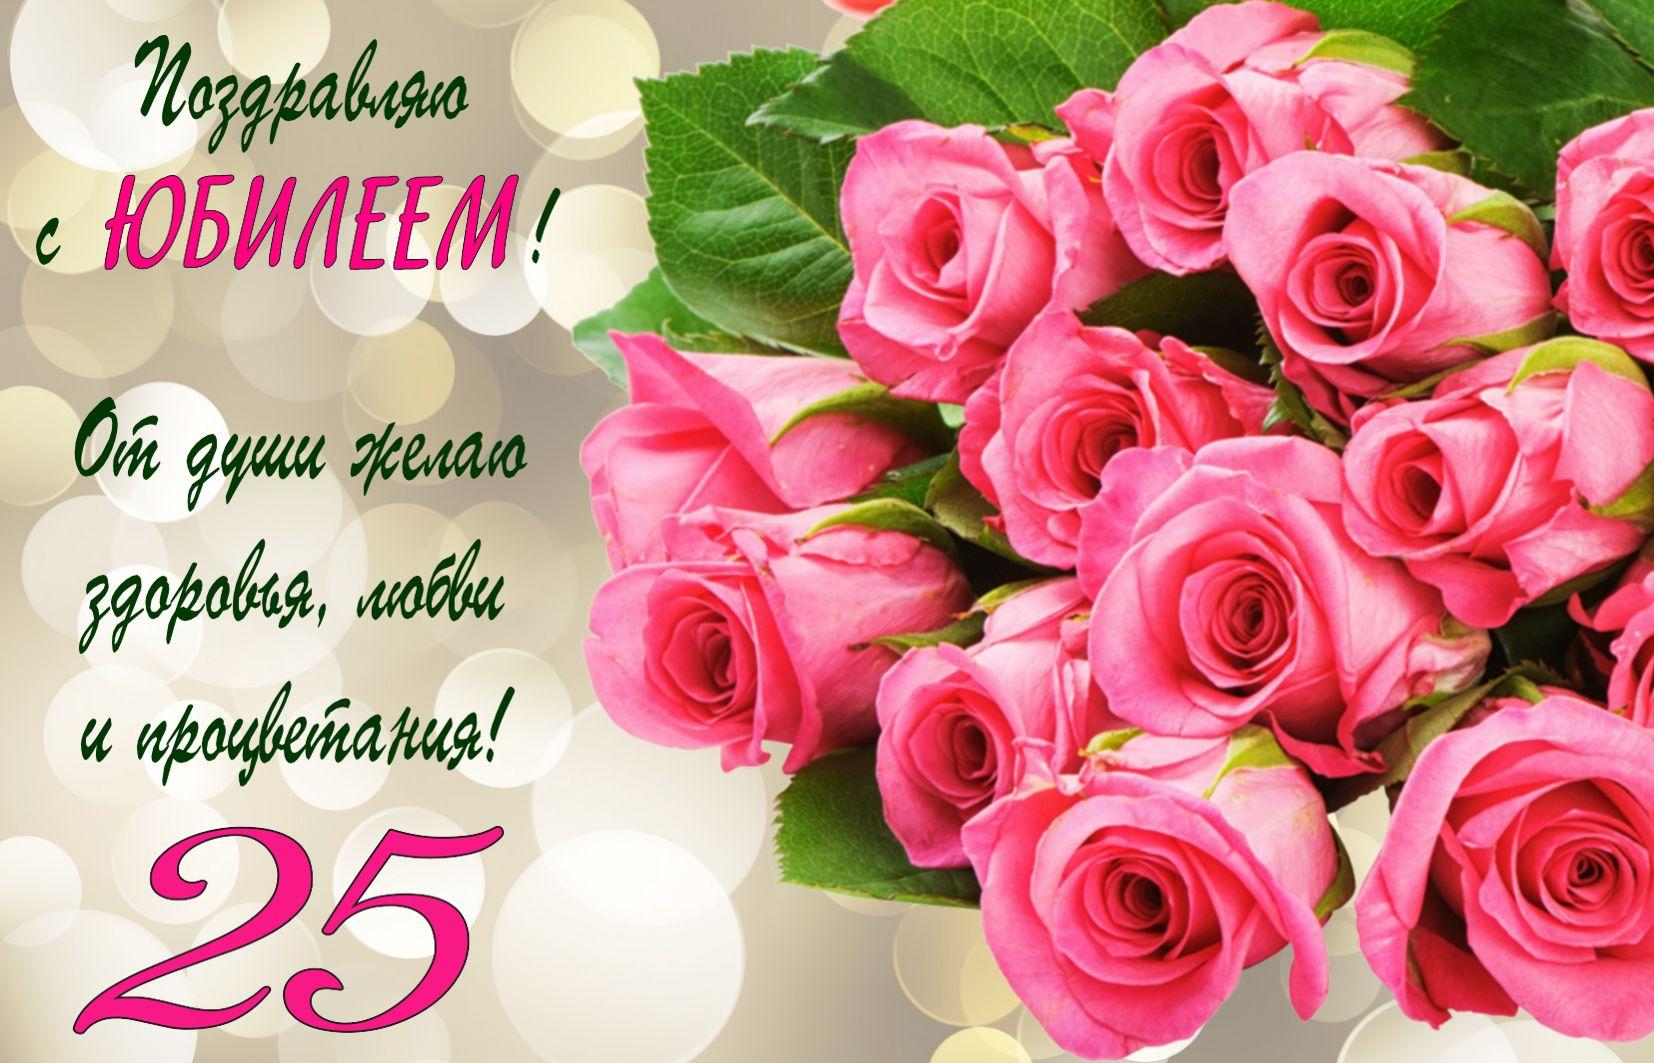 Открытка - букет розовых роз девушке на юбилей